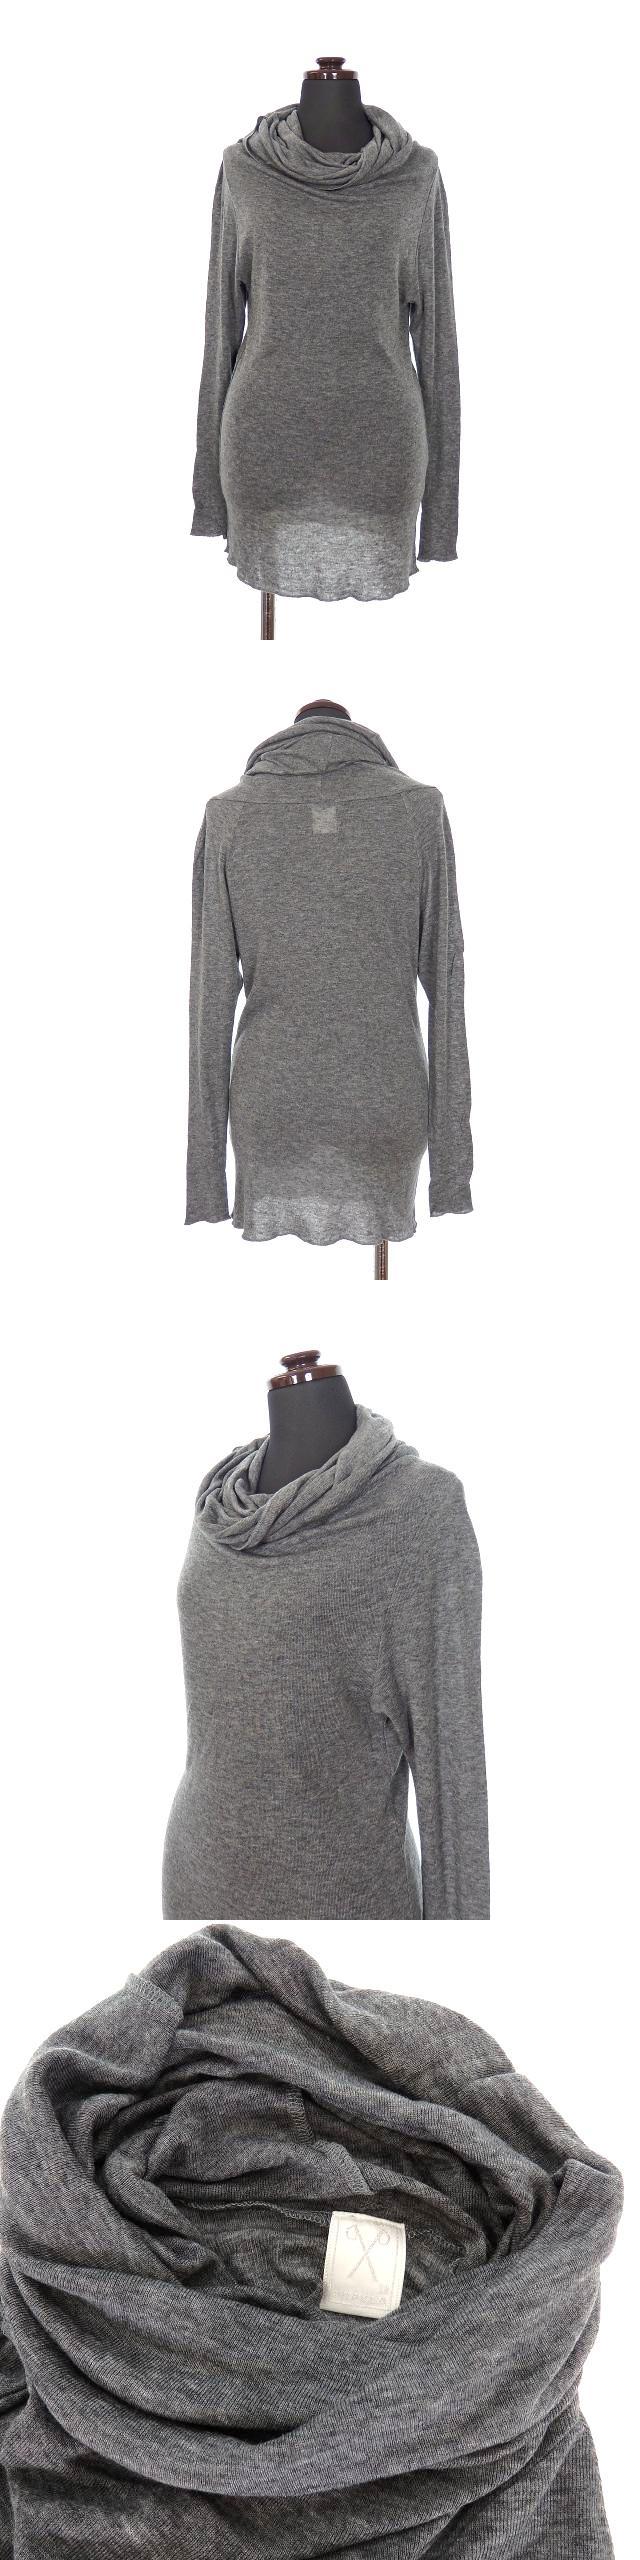 タートルネック ニット セーター カシミヤ混 長袖 38 グレー 灰 秋冬